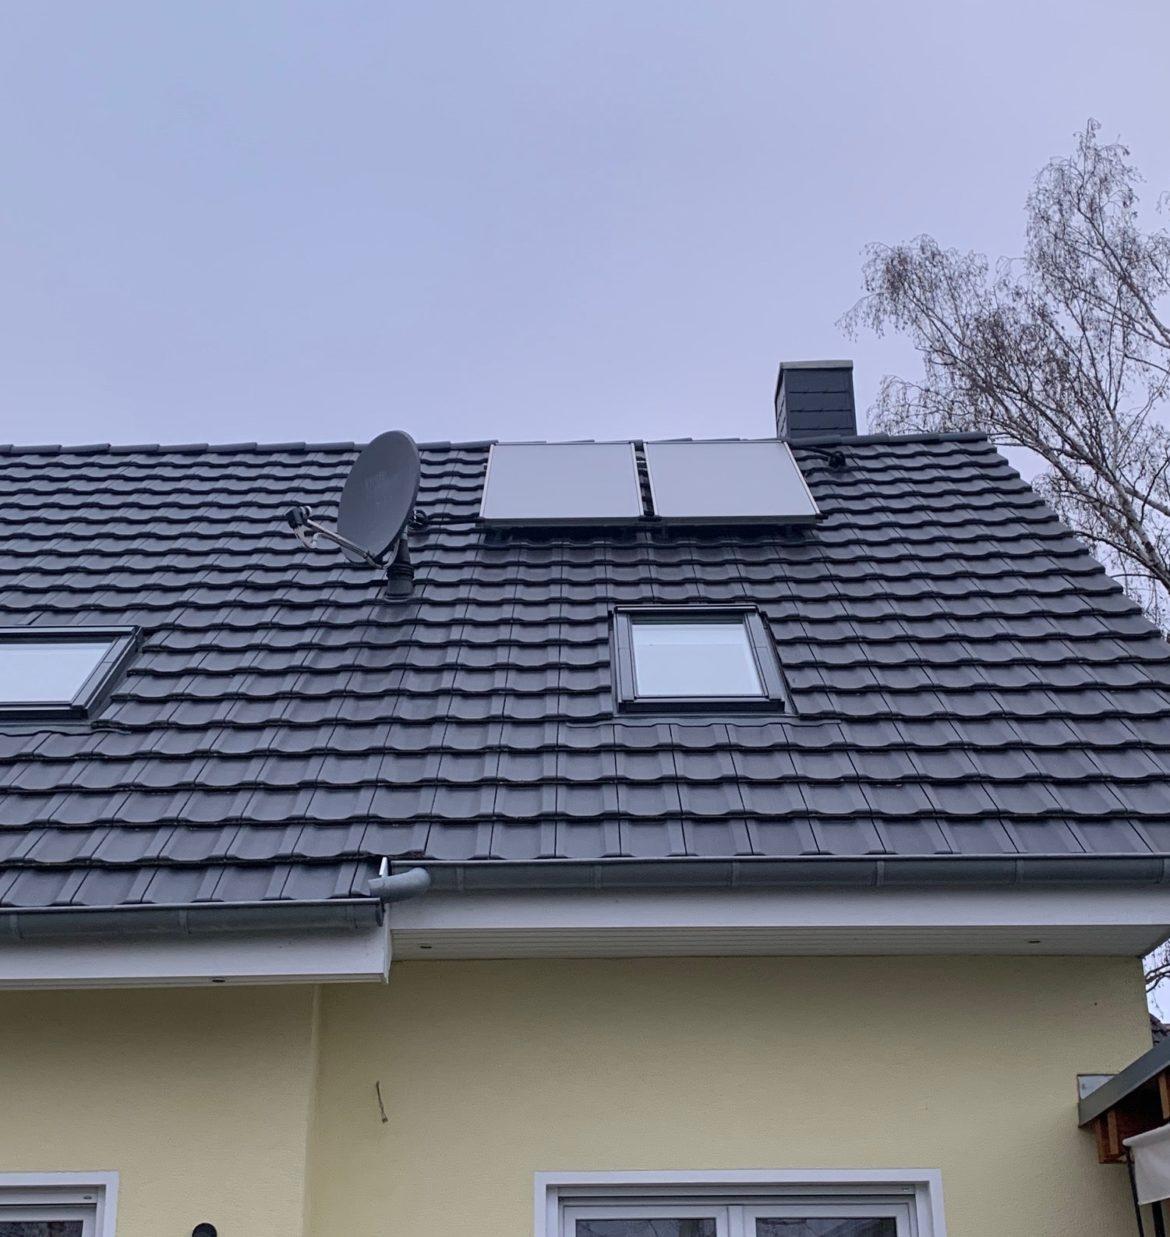 Solarpanel für Warmwasser auf dem Einfamilienhaus-Dach